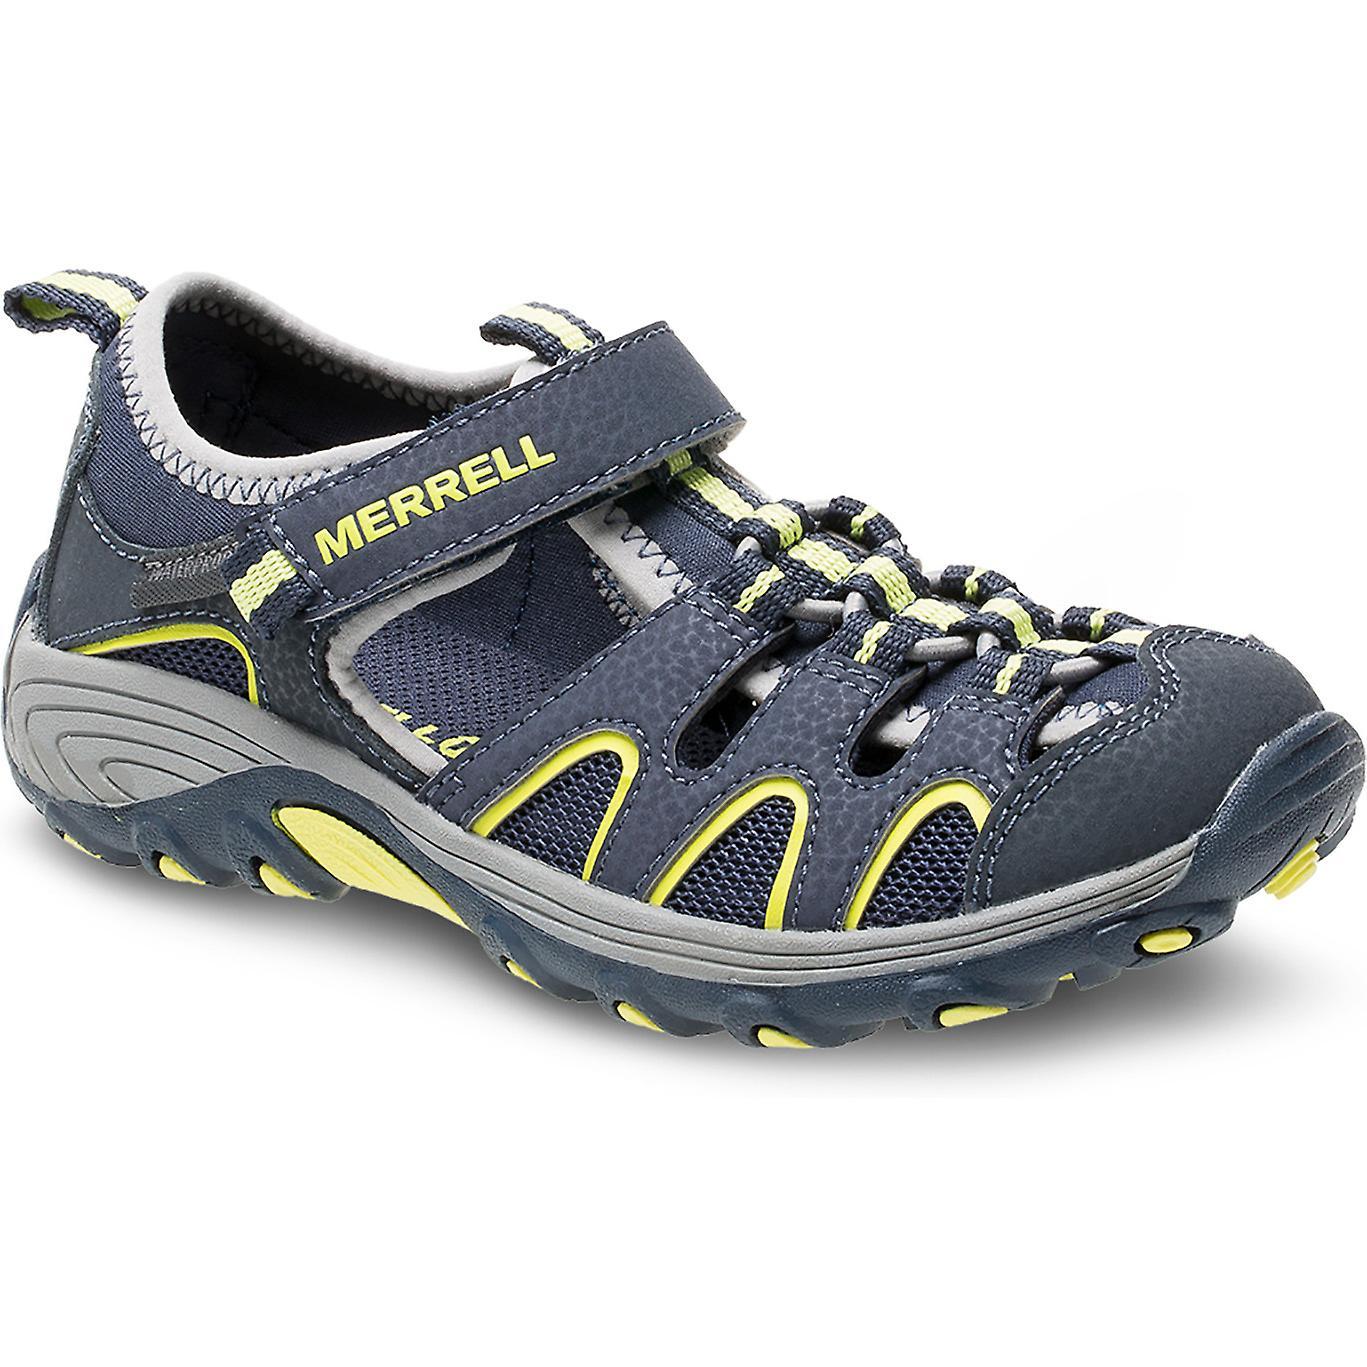 Merrell H2O Hiker Kids Sandals